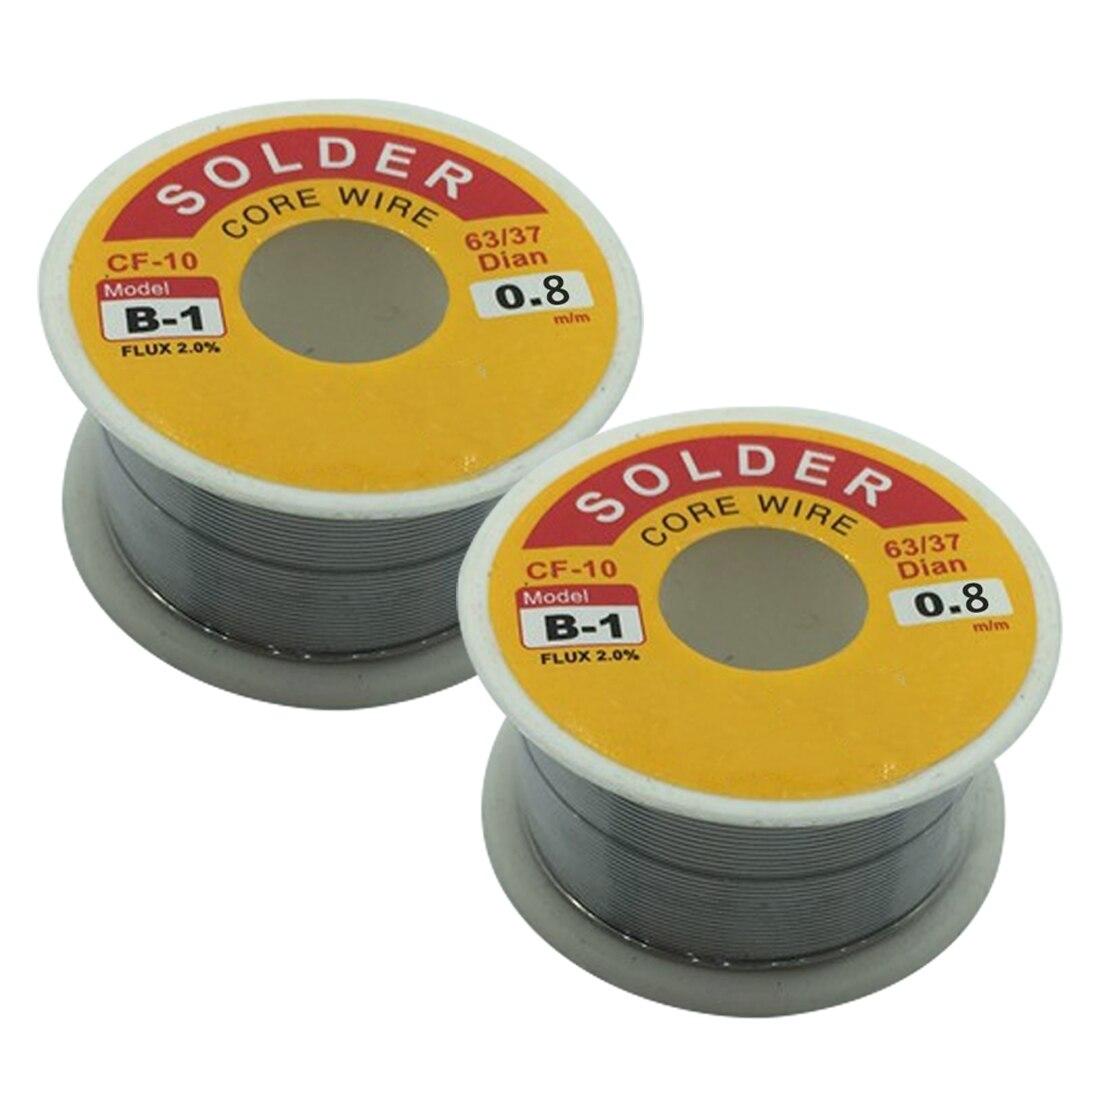 Hot!0.8mm 50g Rosin Core Solder 63/37 Tin Lead Flux Soldering For Welder Iron Wire Reel Soldering Iron Wires Welding